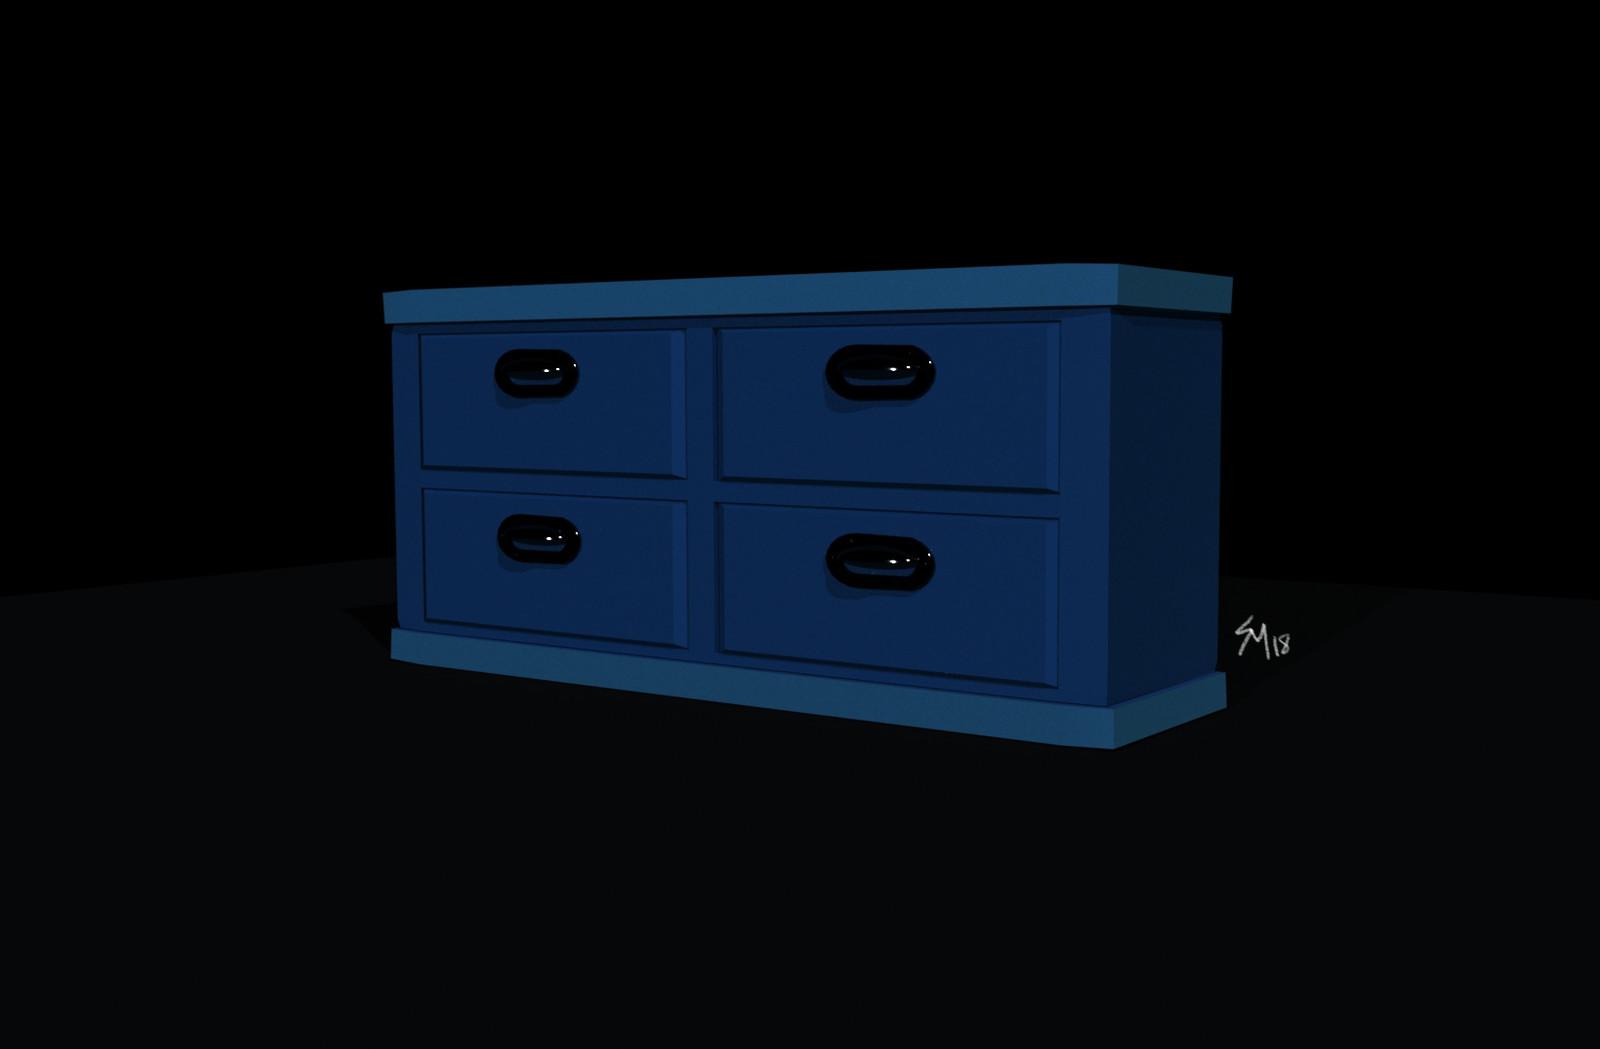 Prop Design/Model: Dresser